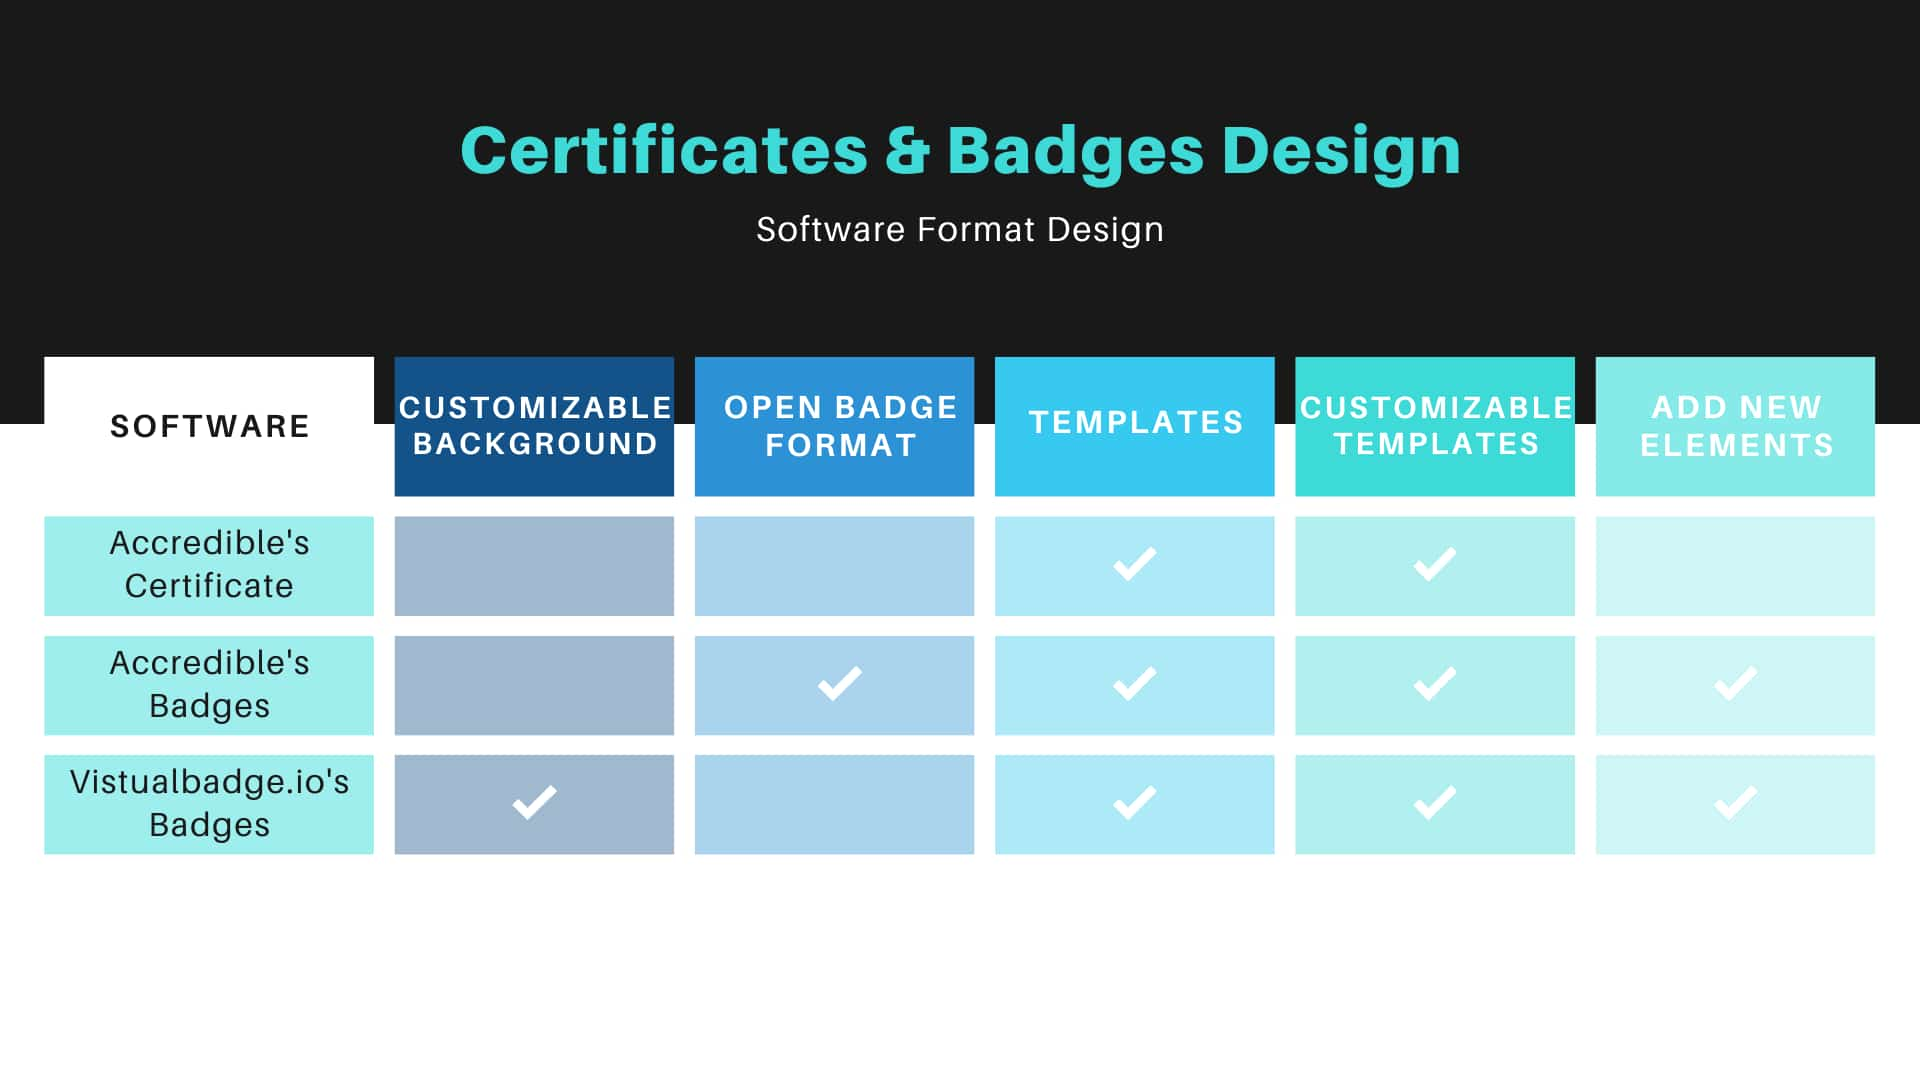 certificates and badge design - Accredible vs. Virtualbadge.io